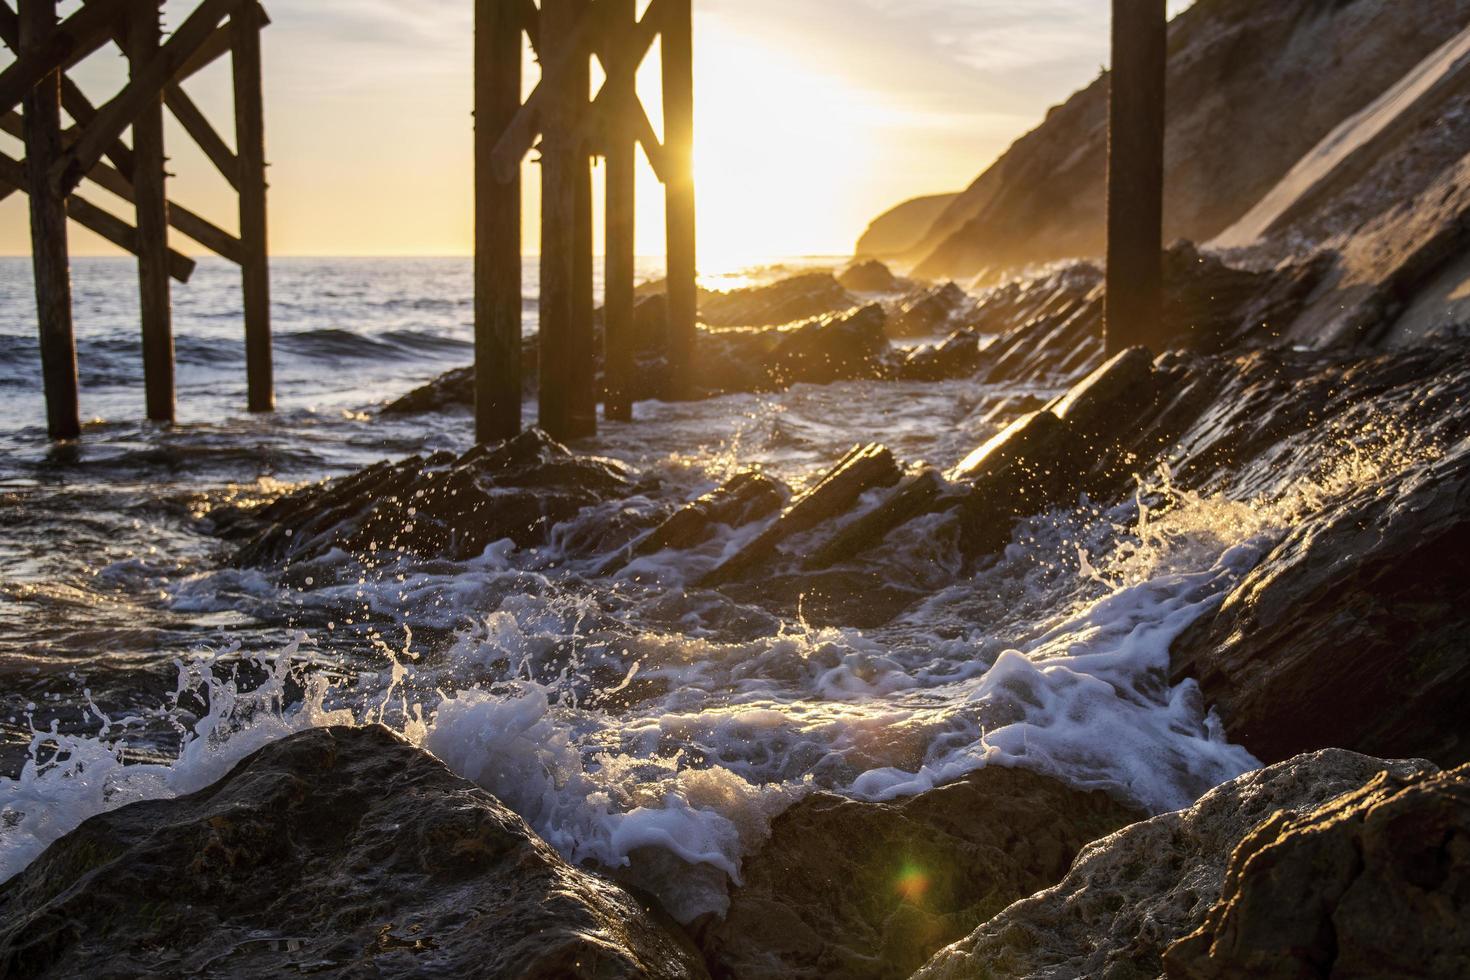 vagues se brisant sur le rivage sous le quai photo